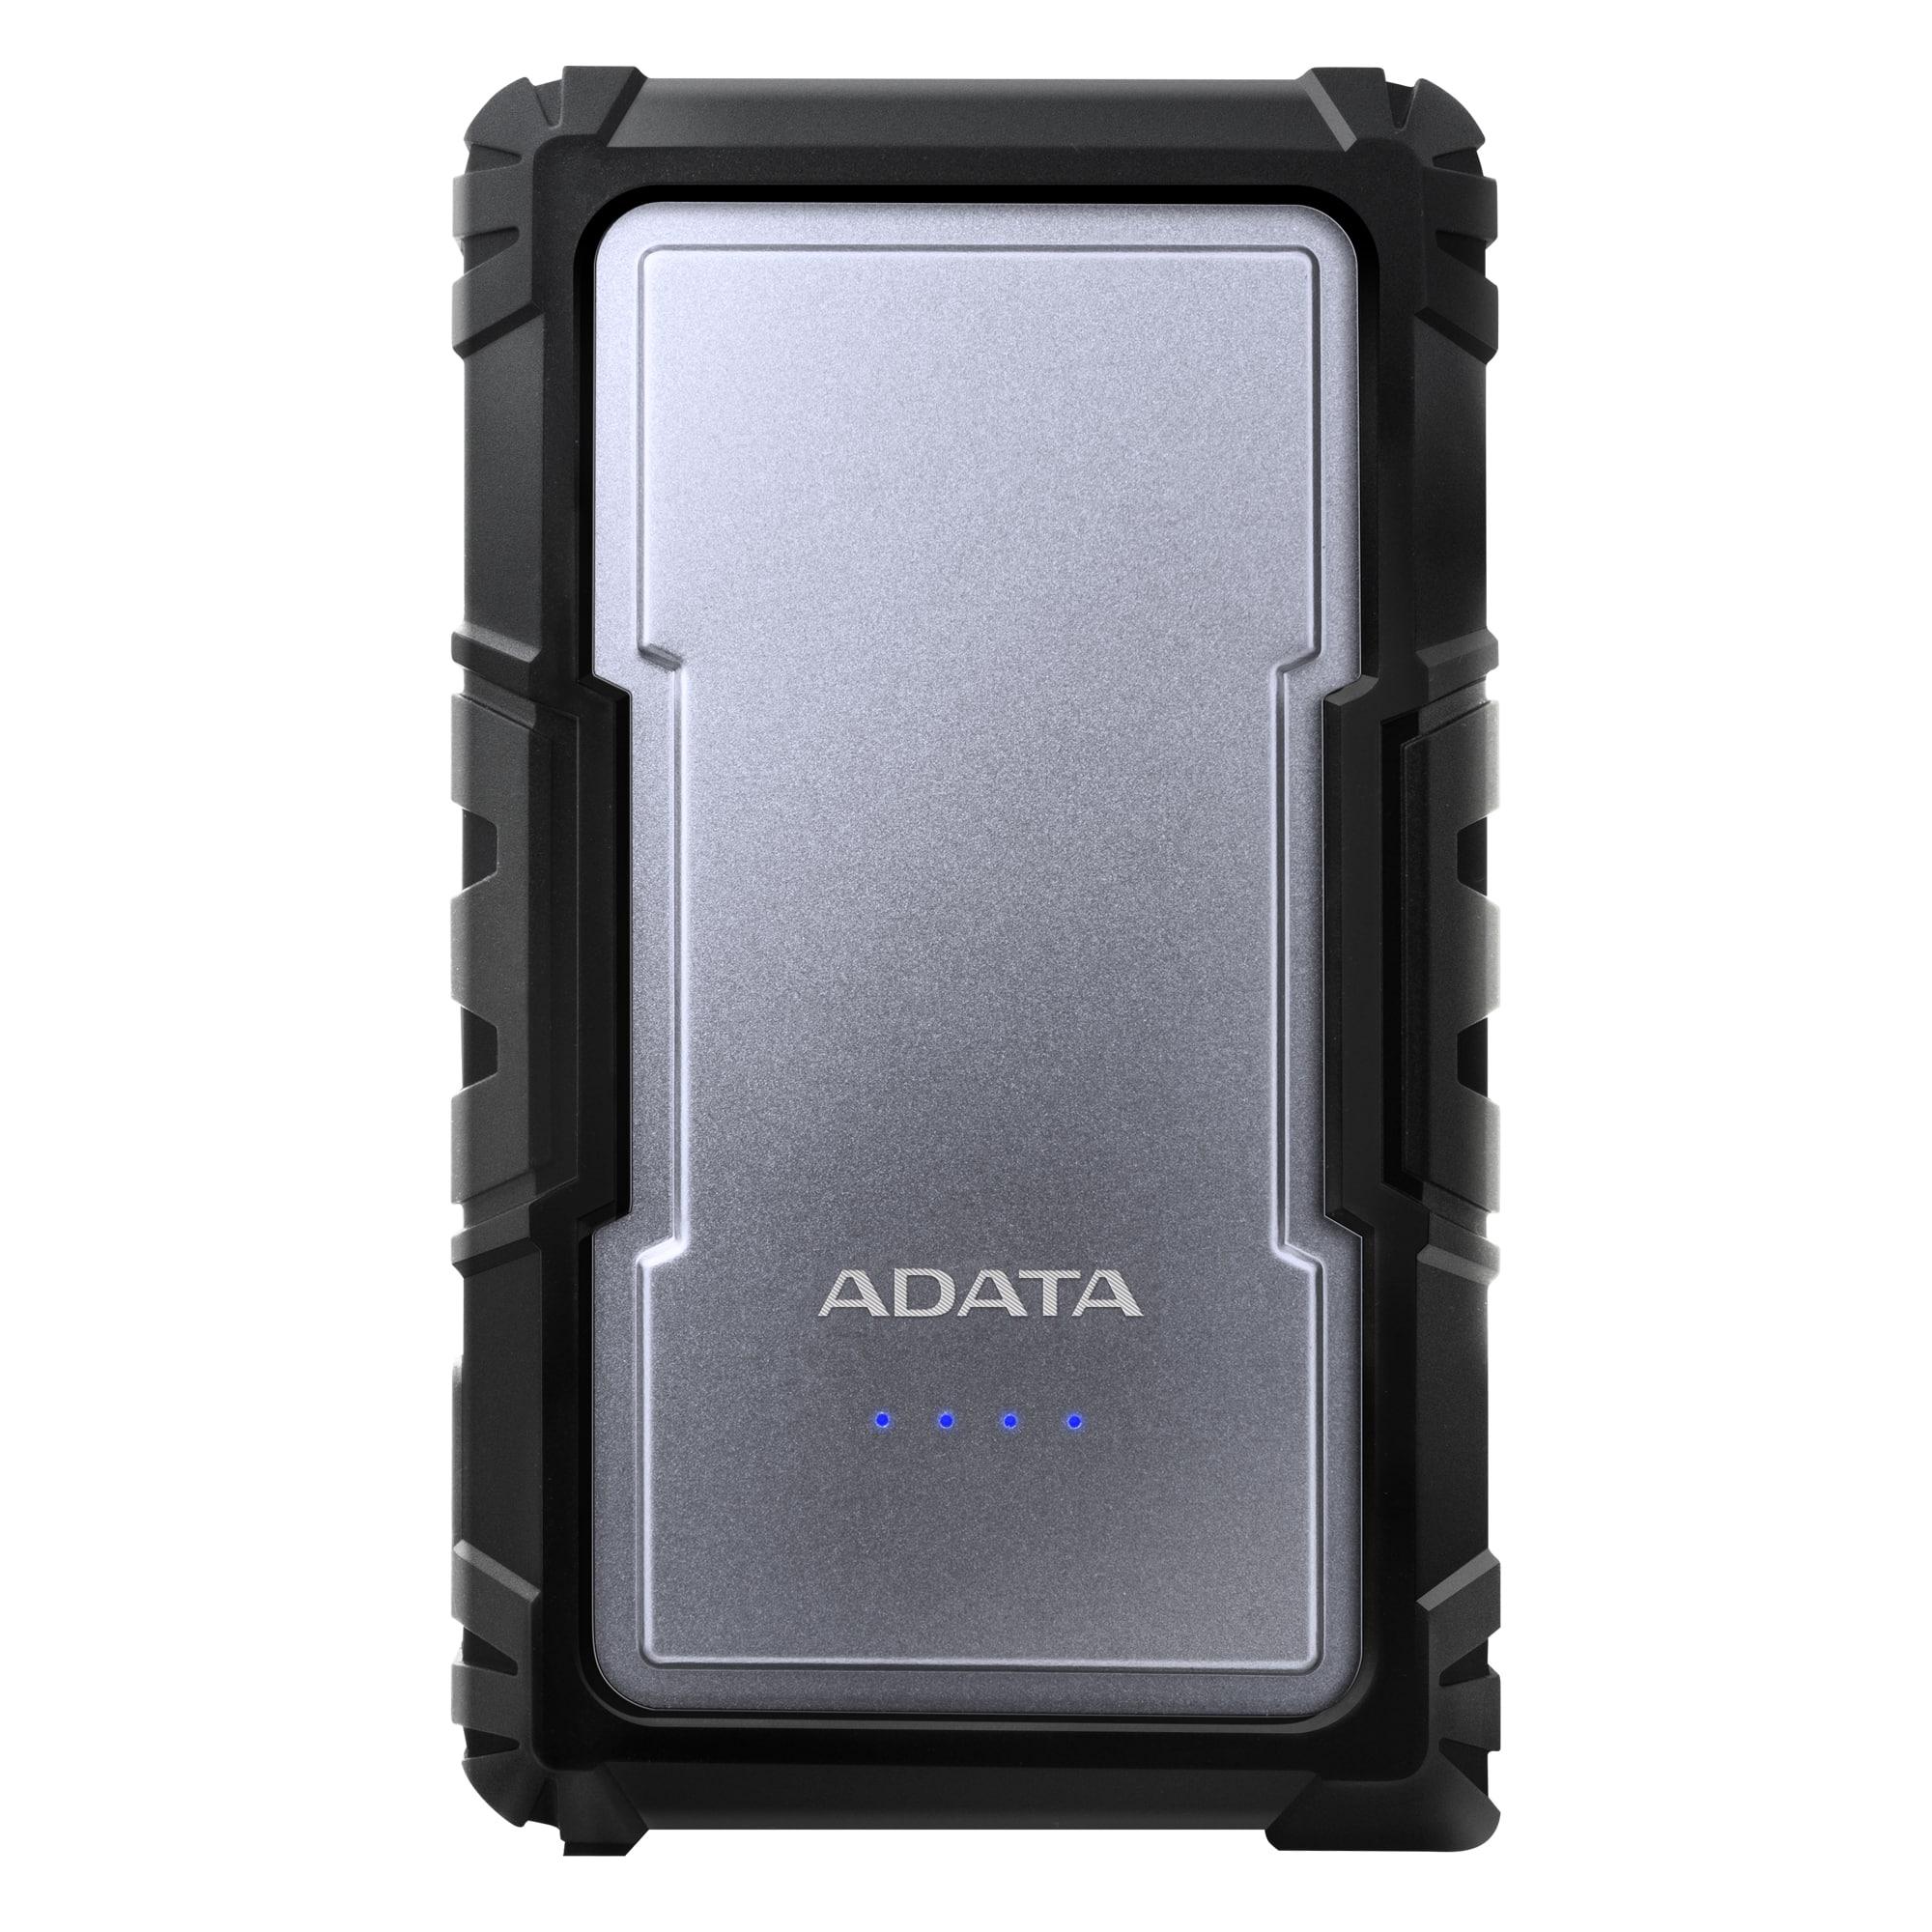 Az ADATA bemutatja a D16750 nagy strapabírású powerbankot